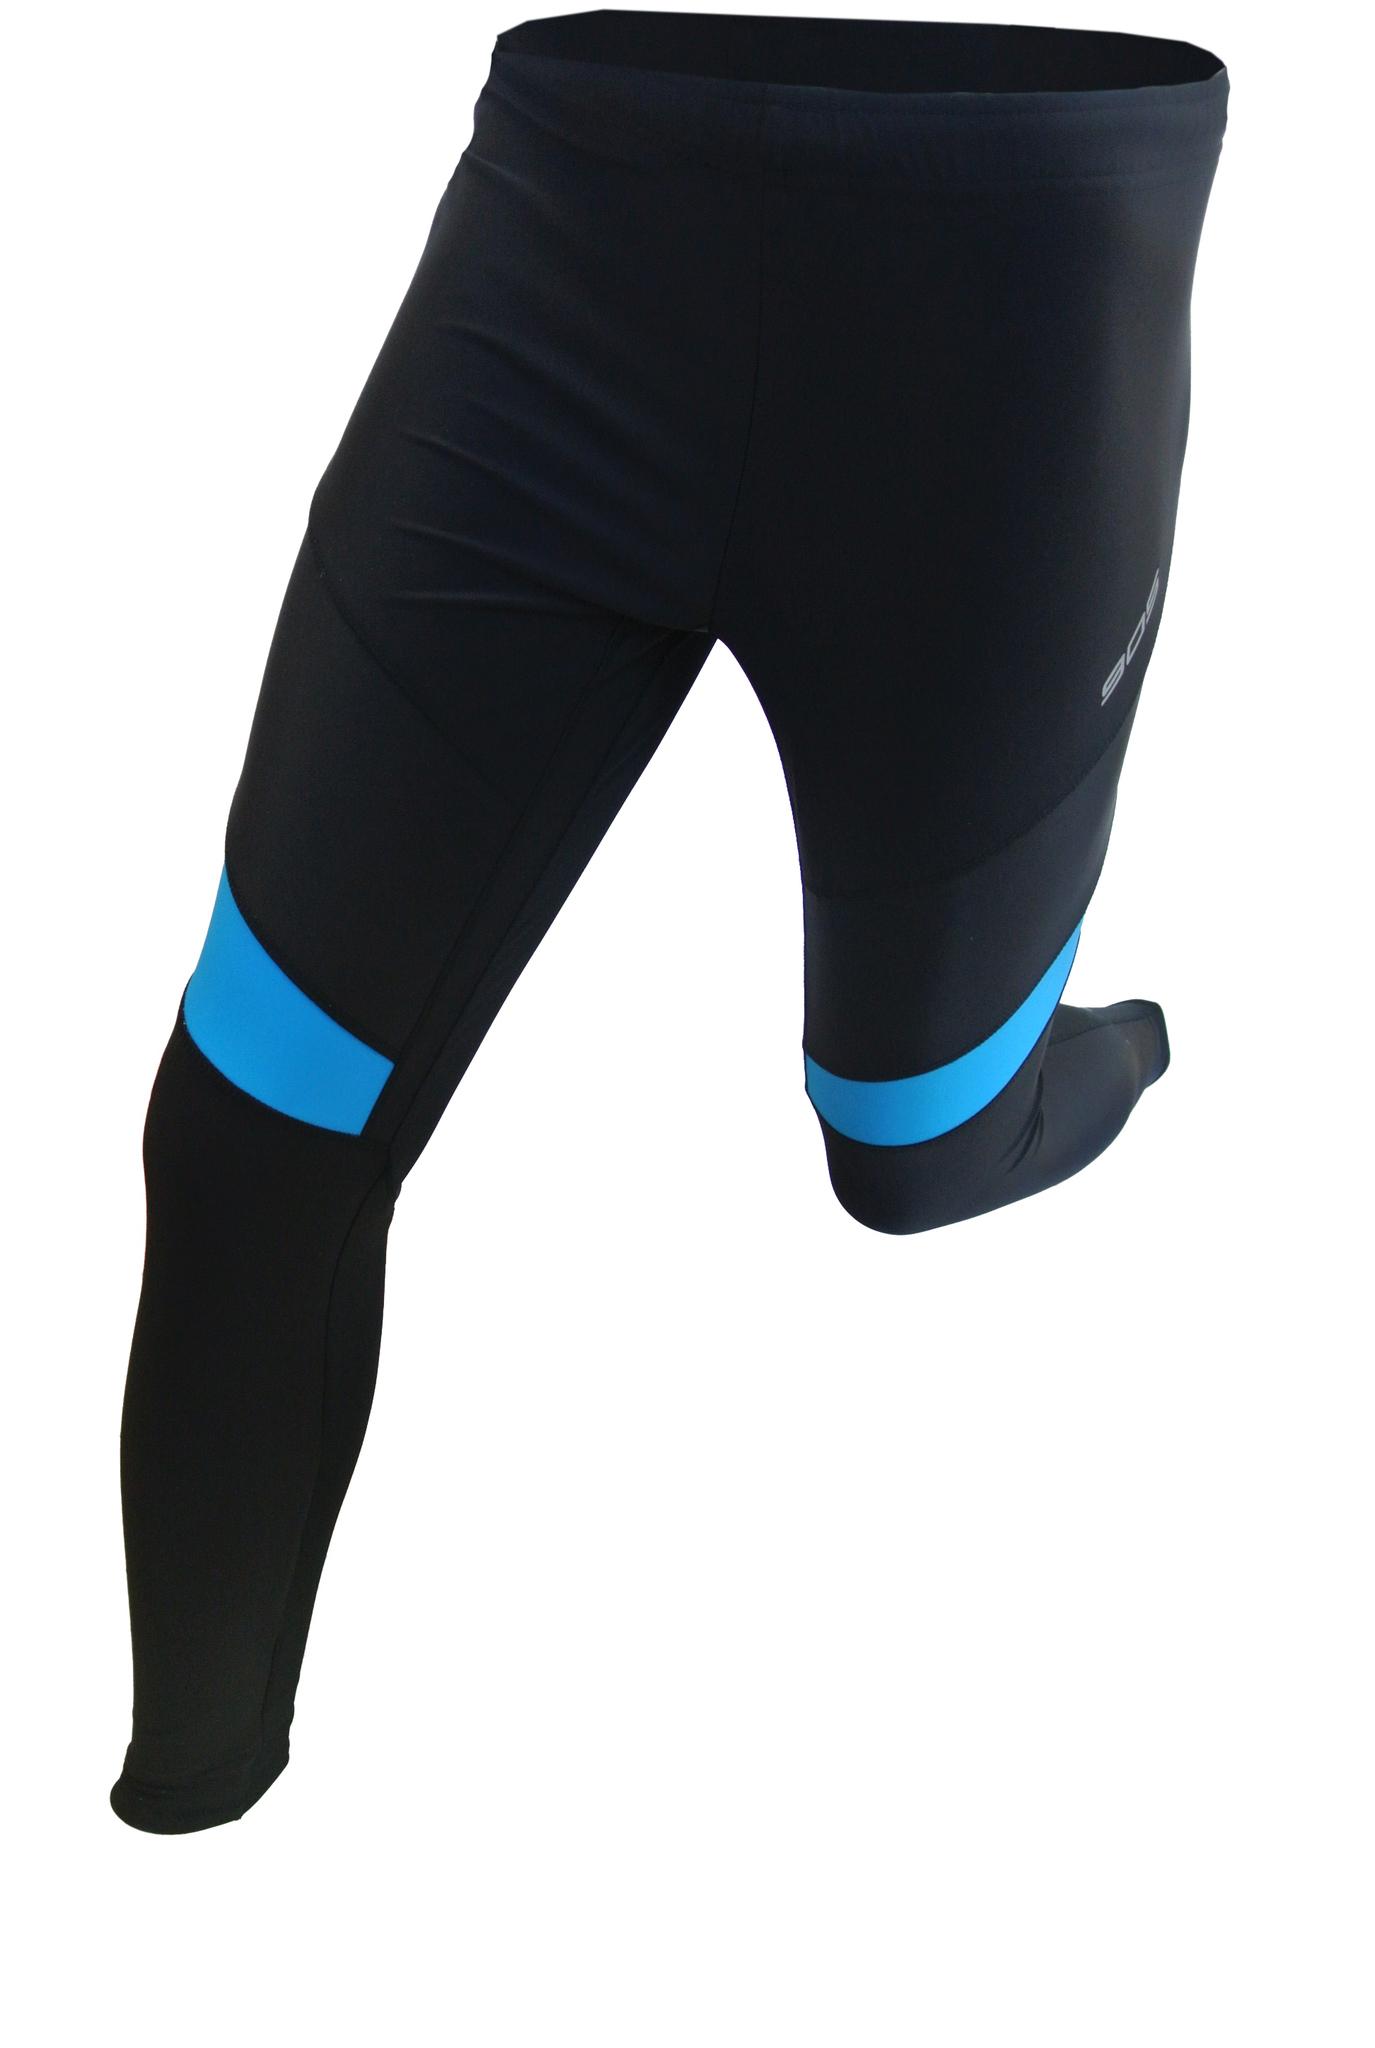 Лосины для бега 905 Victory Code синие (15010101) унисекс фото